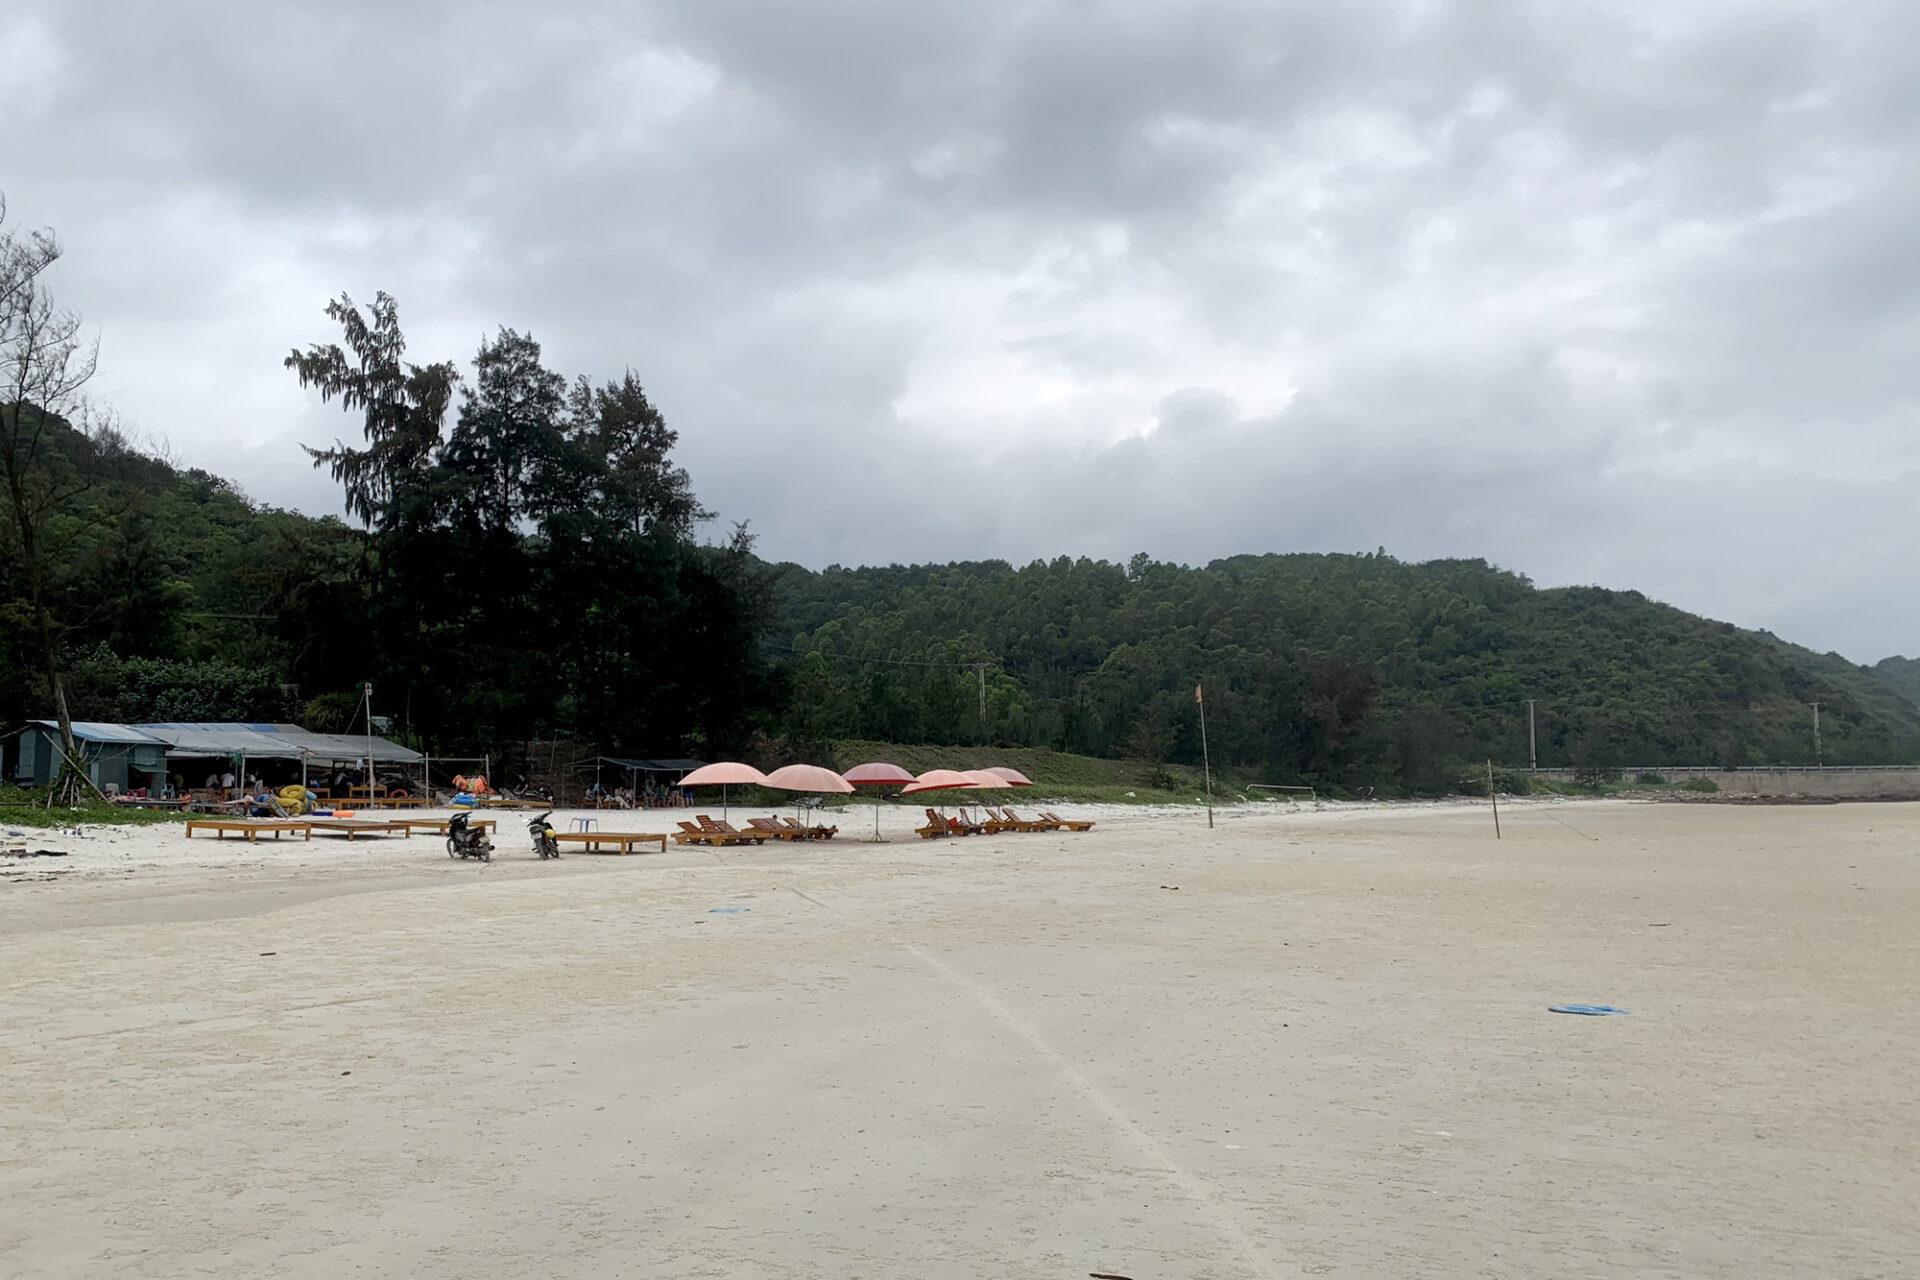 Bãi tắm Minh Châu đã được người dân, các hộ kinh doanh chuẩn bị sẵn sàng đón khách du lịch